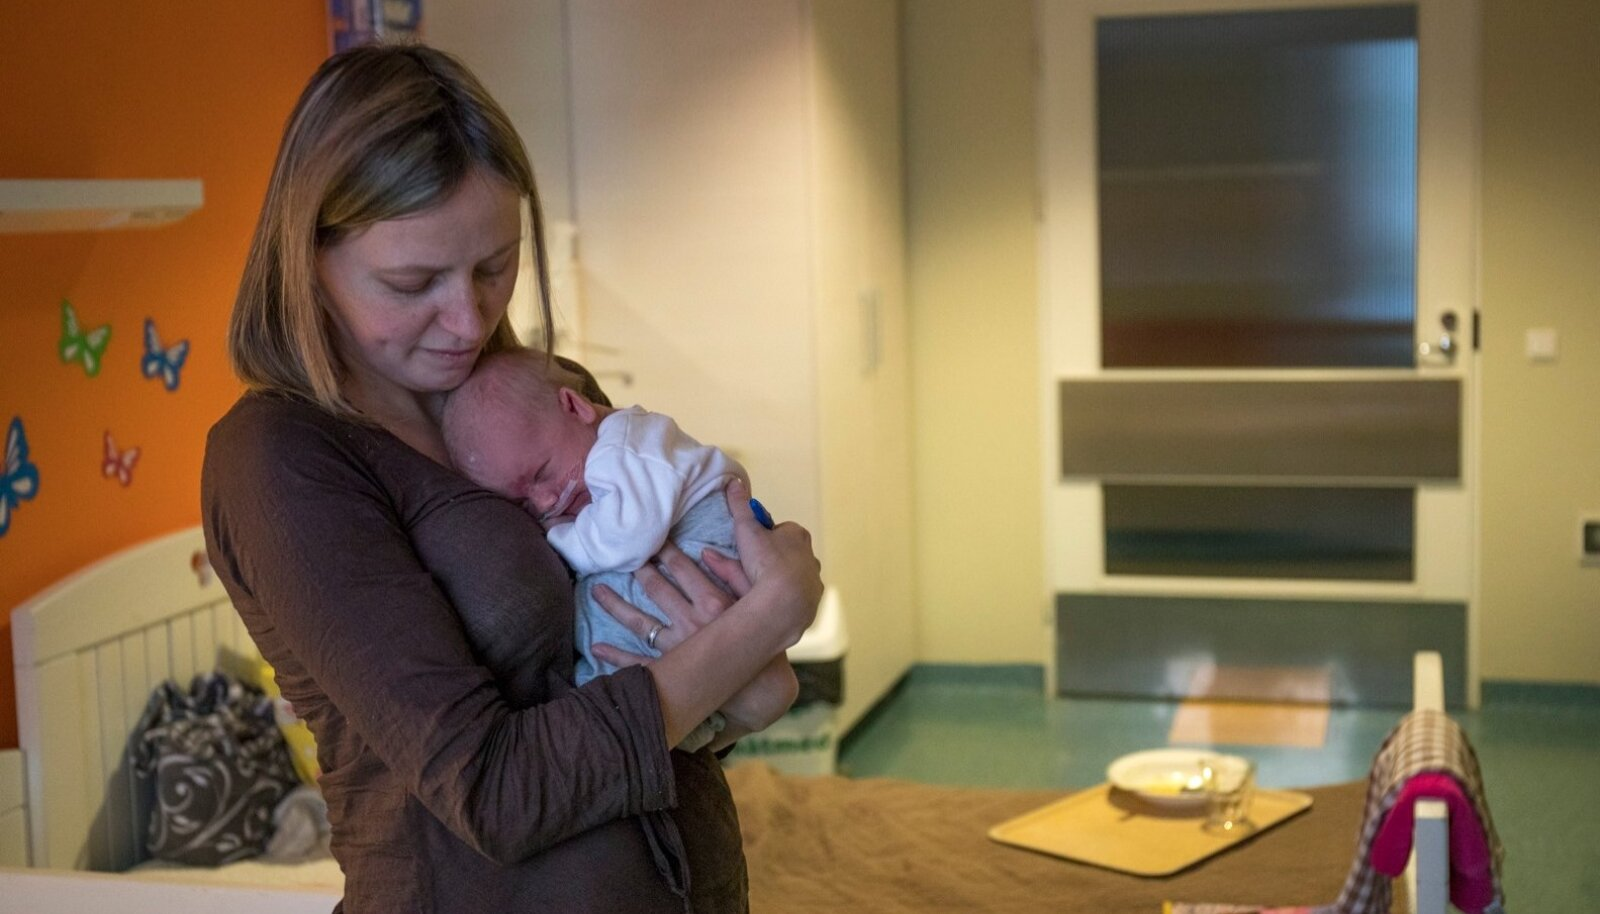 Esimesel jõulupühal sündinud Kaspari ema Mariliisi haiglas olemise eest sai Tallinna lastehaigla uuest aastast viiendiku võrra vähem raha kui poisipõnni sündimise päeval.